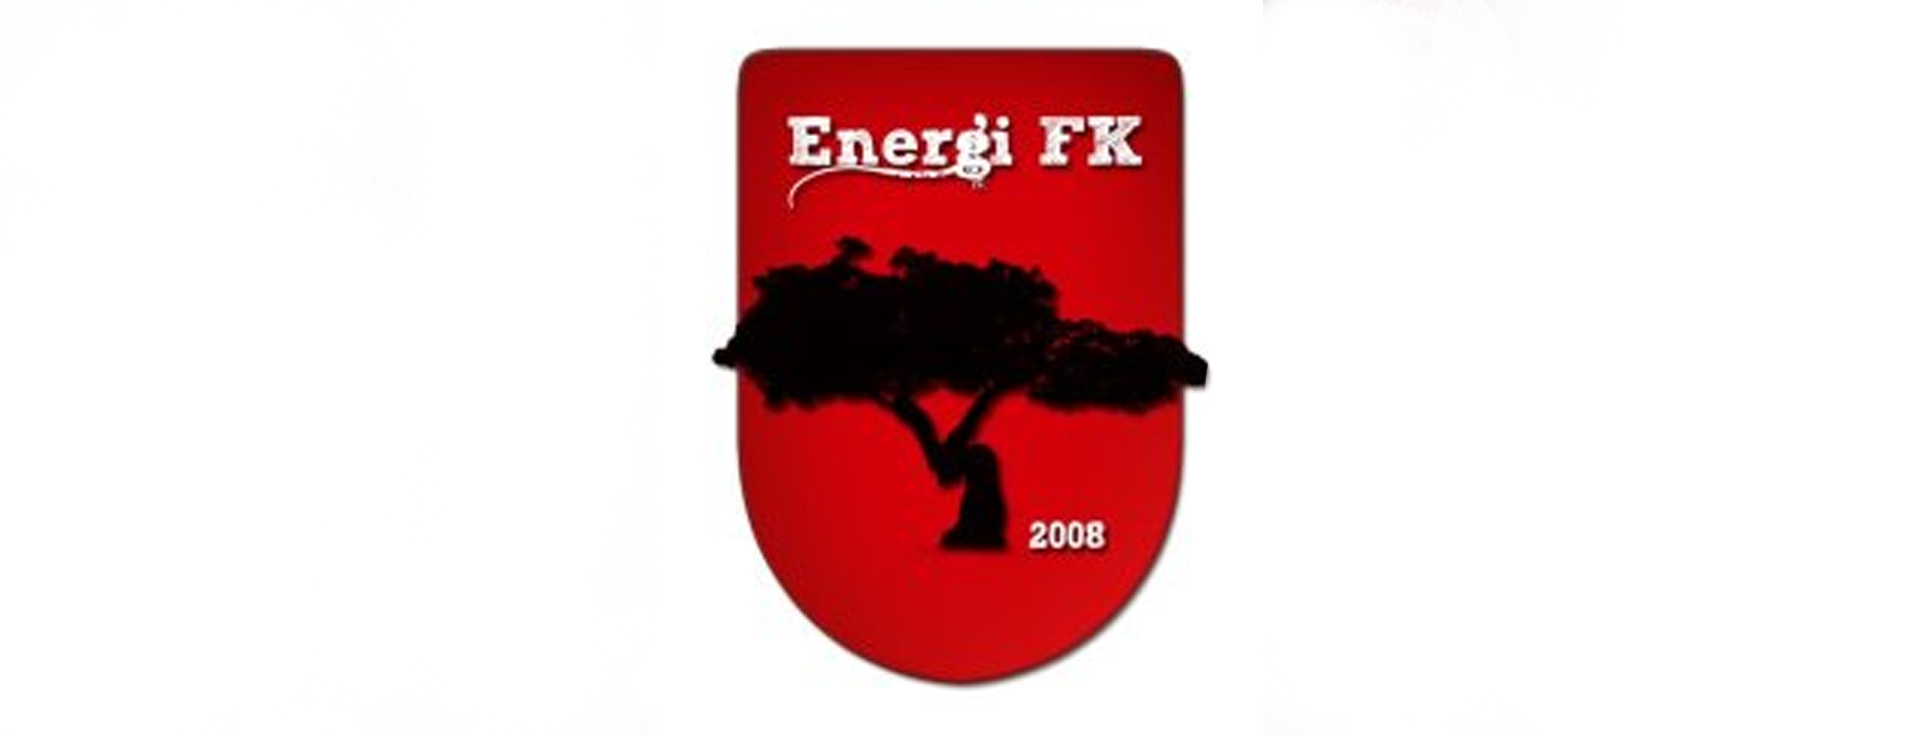 energifk